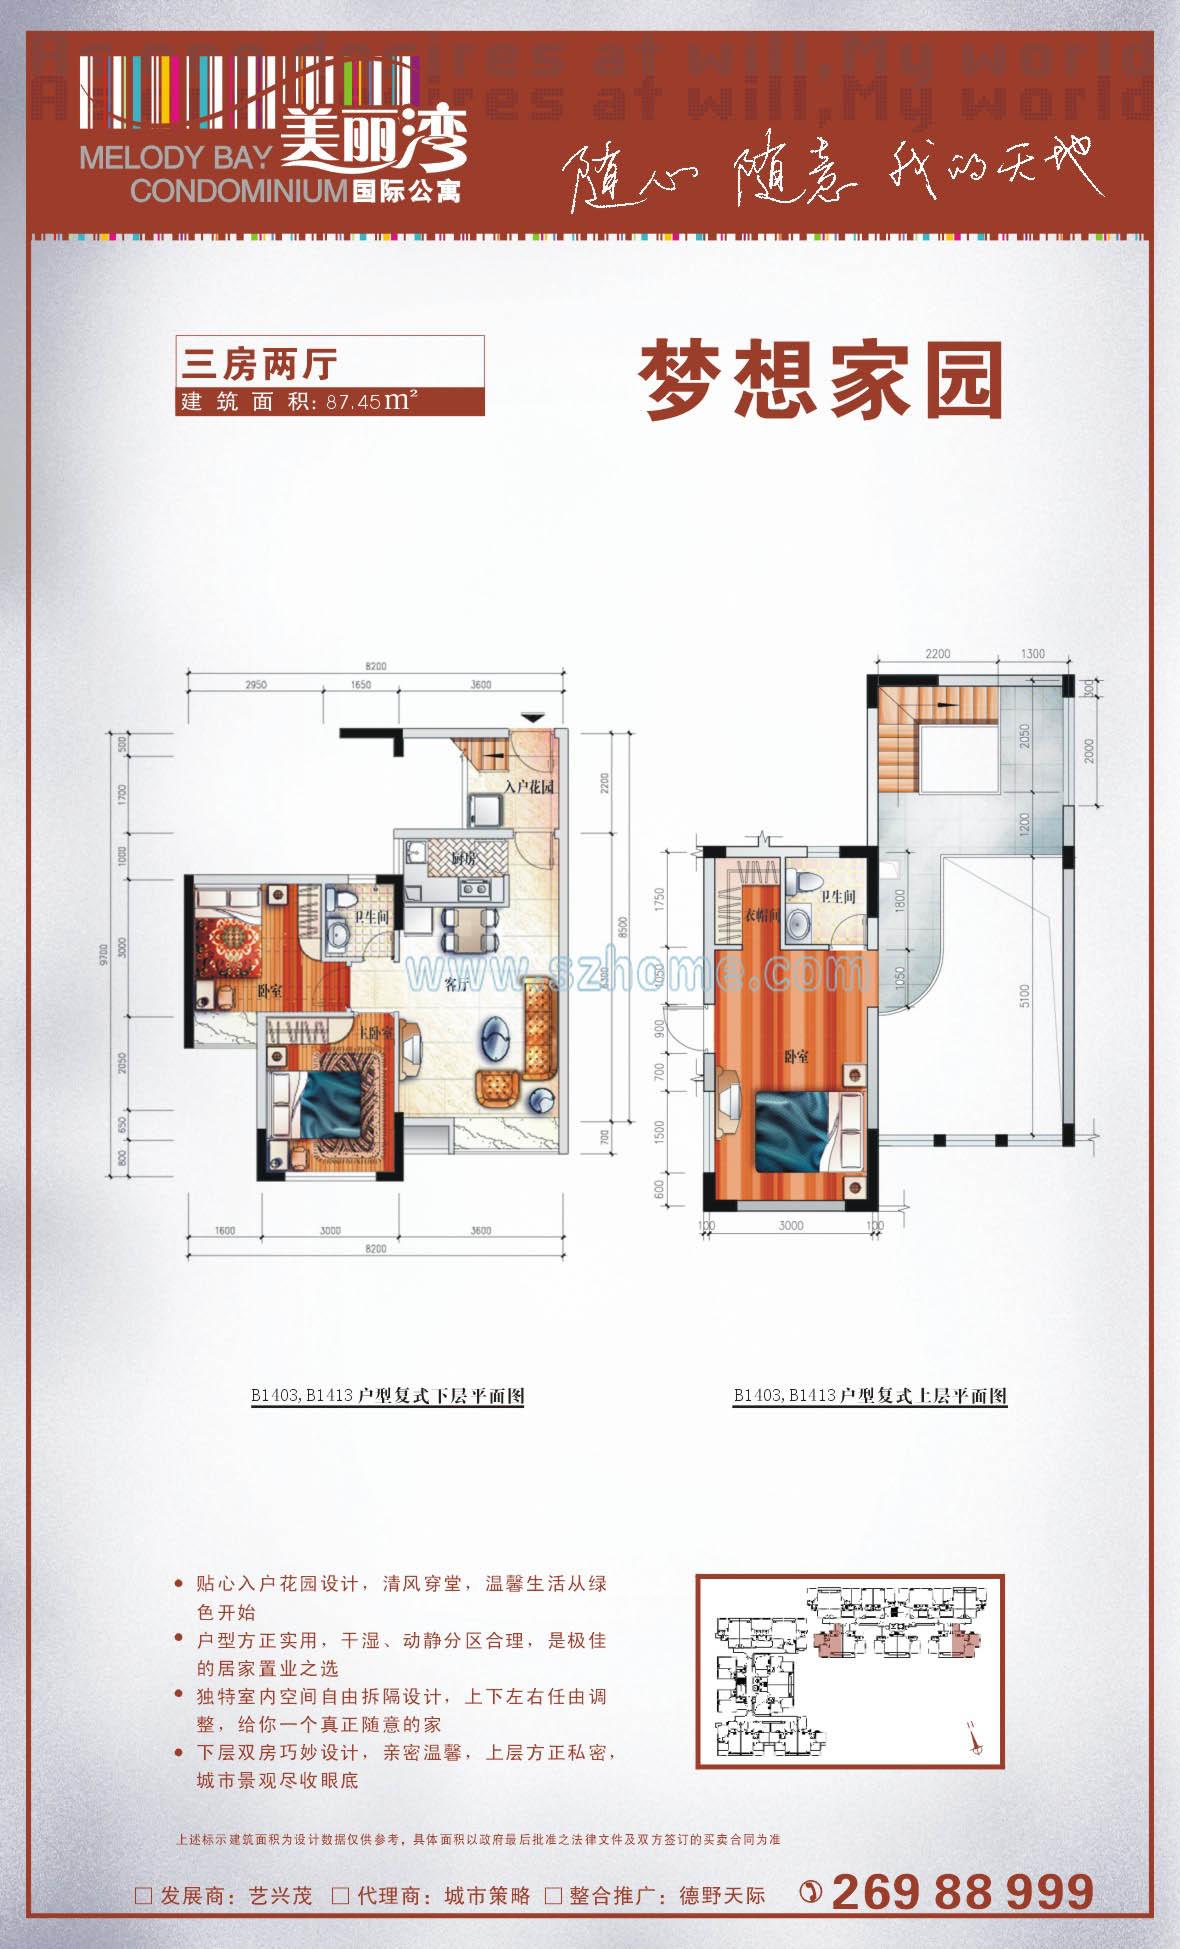 美丽湾国际公寓美丽湾国际公寓 户;; 美丽湾国际公寓 户型图13; 美丽